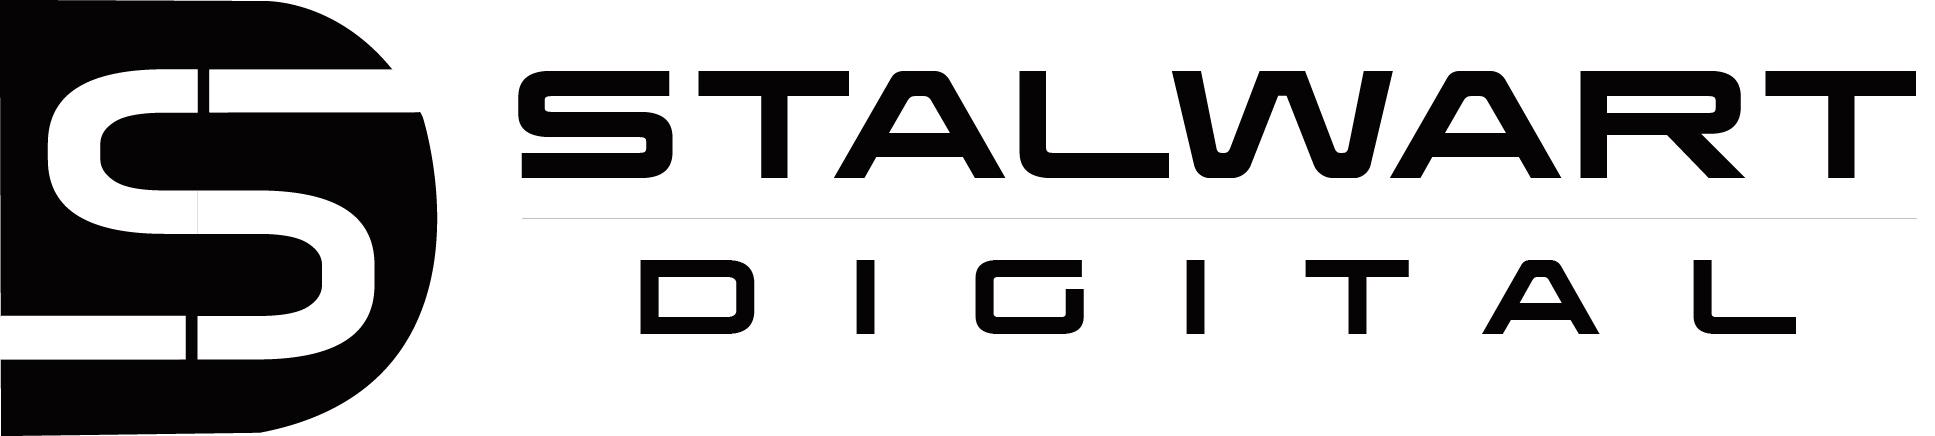 STALWART DIGITAL Logo